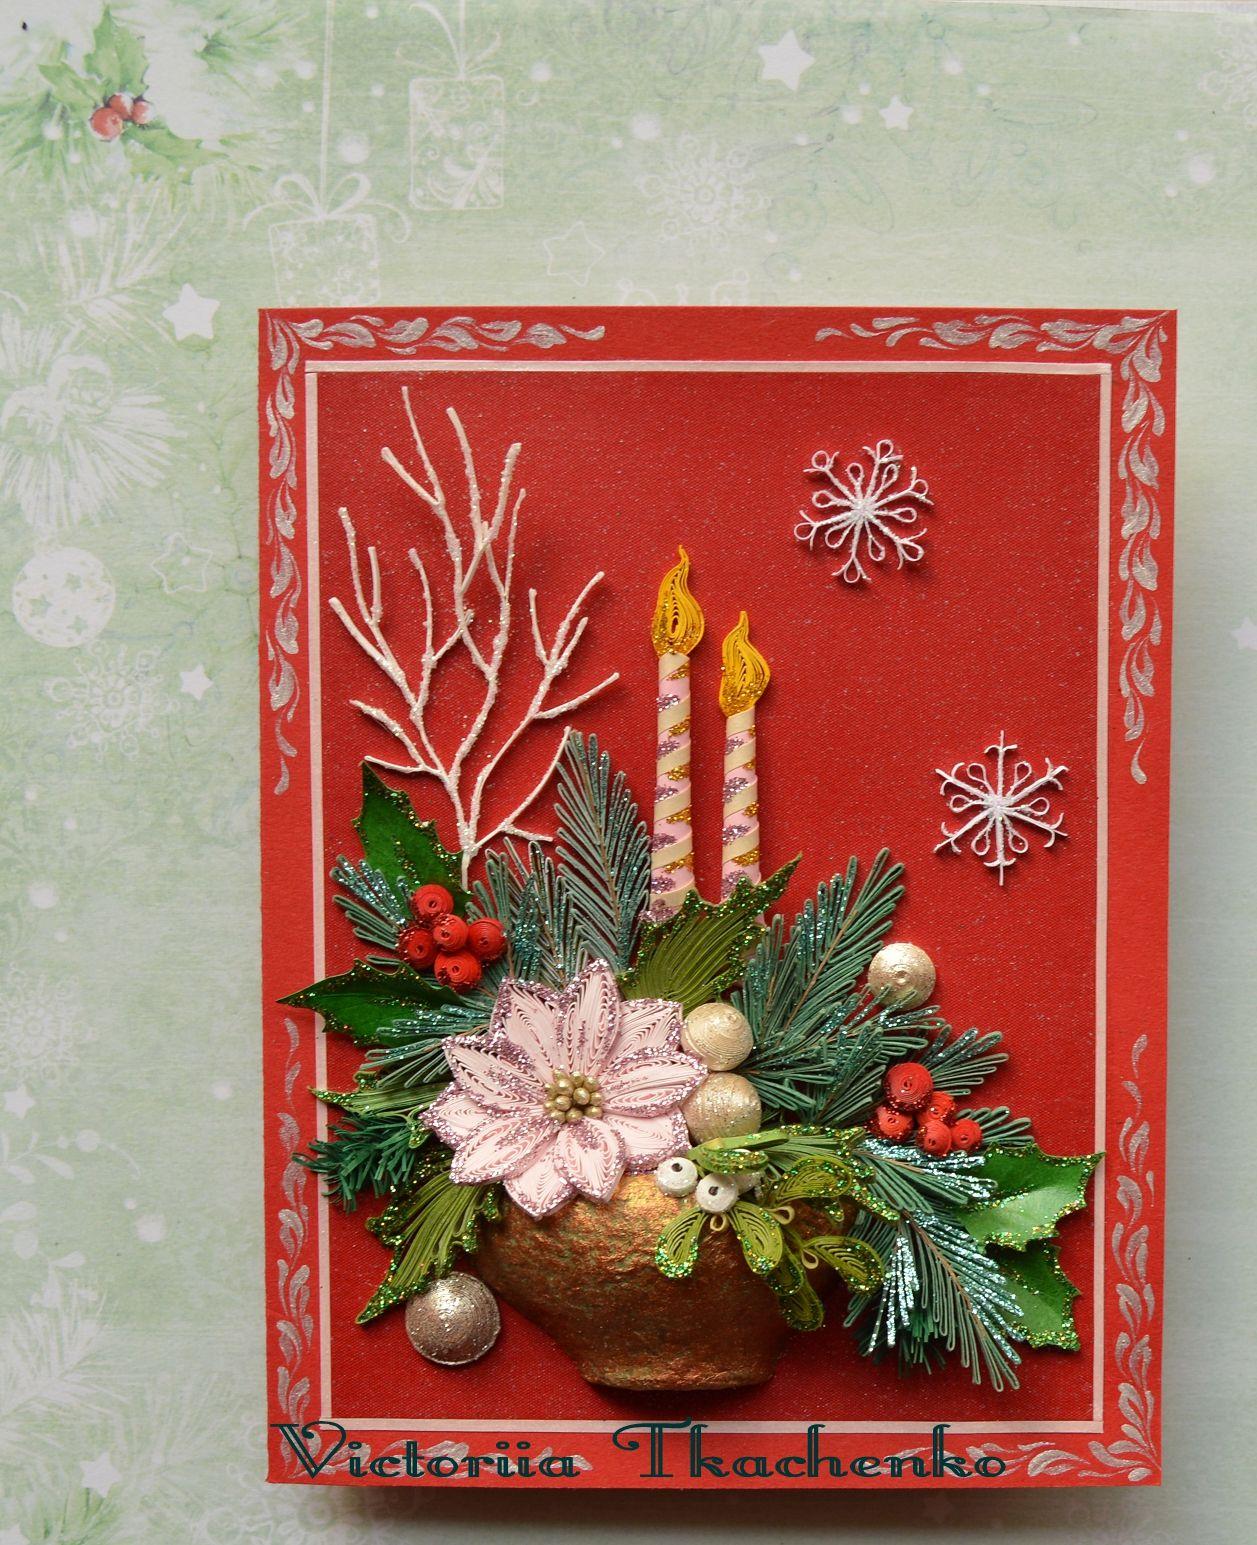 Рождественская рукодельная открытка с использованием различных технологий